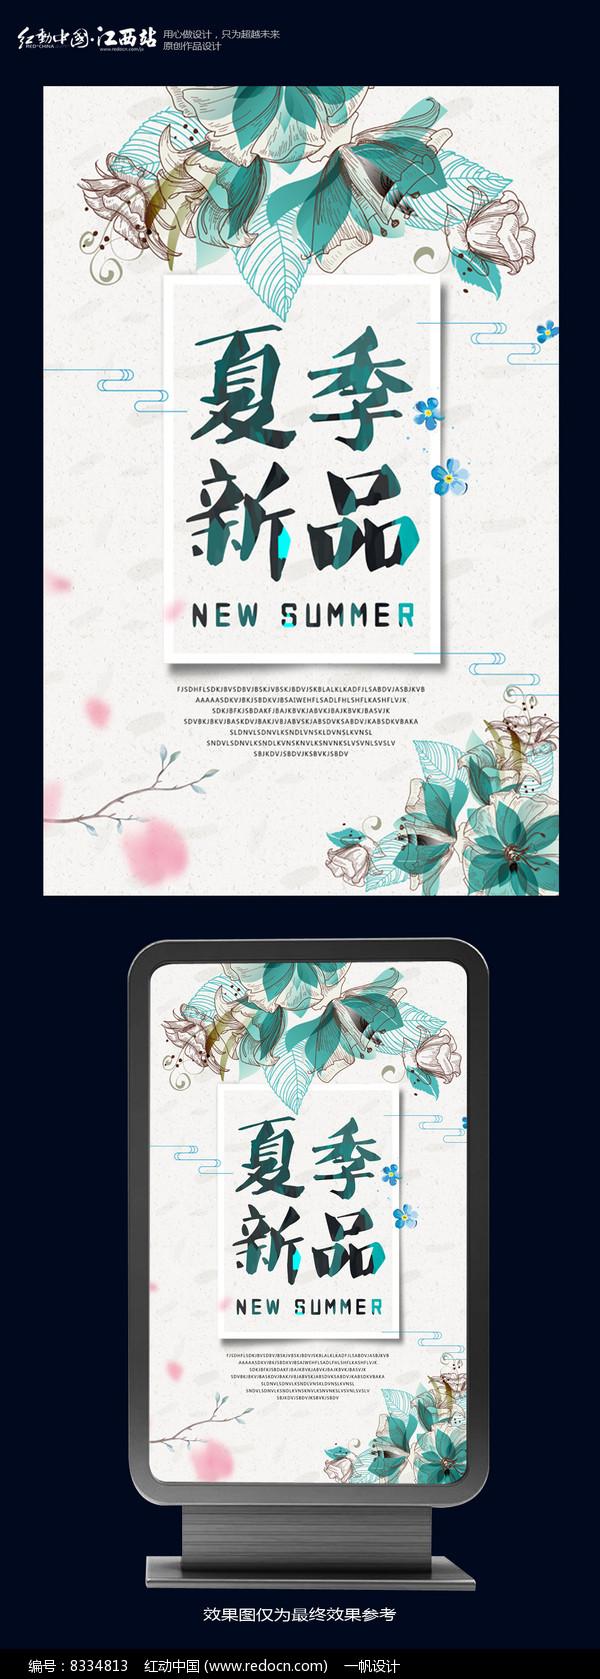 时尚夏季新品海报图片